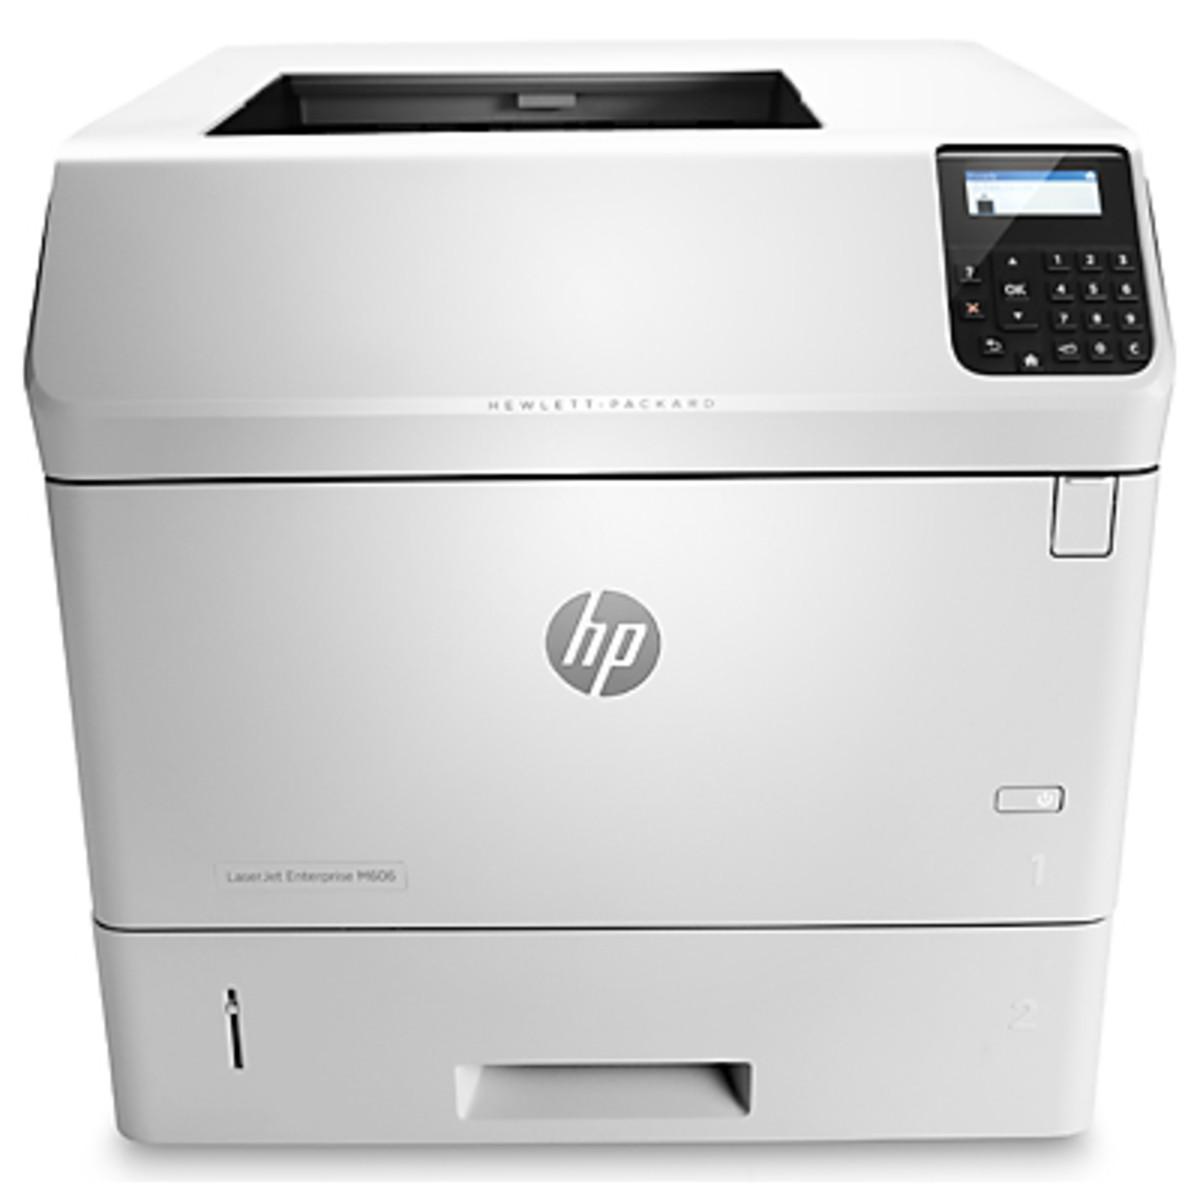 HP LaserJet Pro M605x Printer